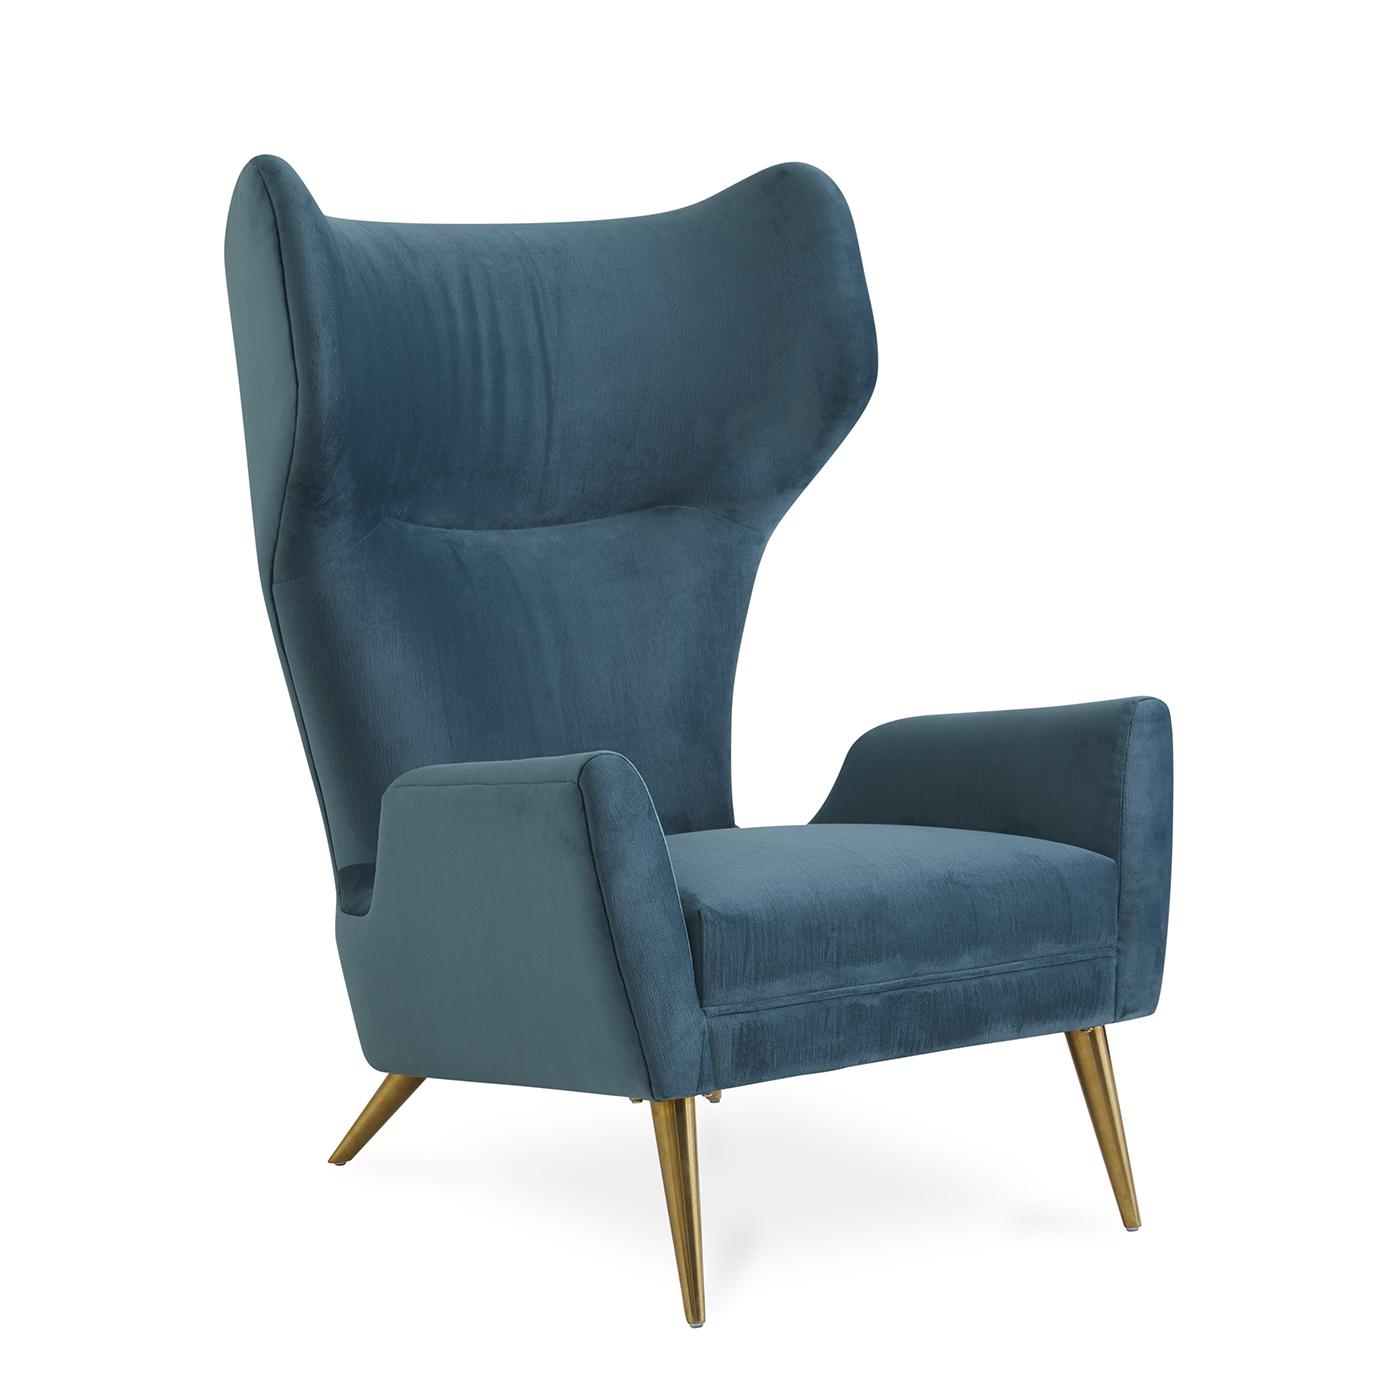 jonathan adler Jonathan Adler: Modern Chairs in a Mid-Century Modern Style Jonathan Adler Modern Chairs in a Mid Century Modern Style 3